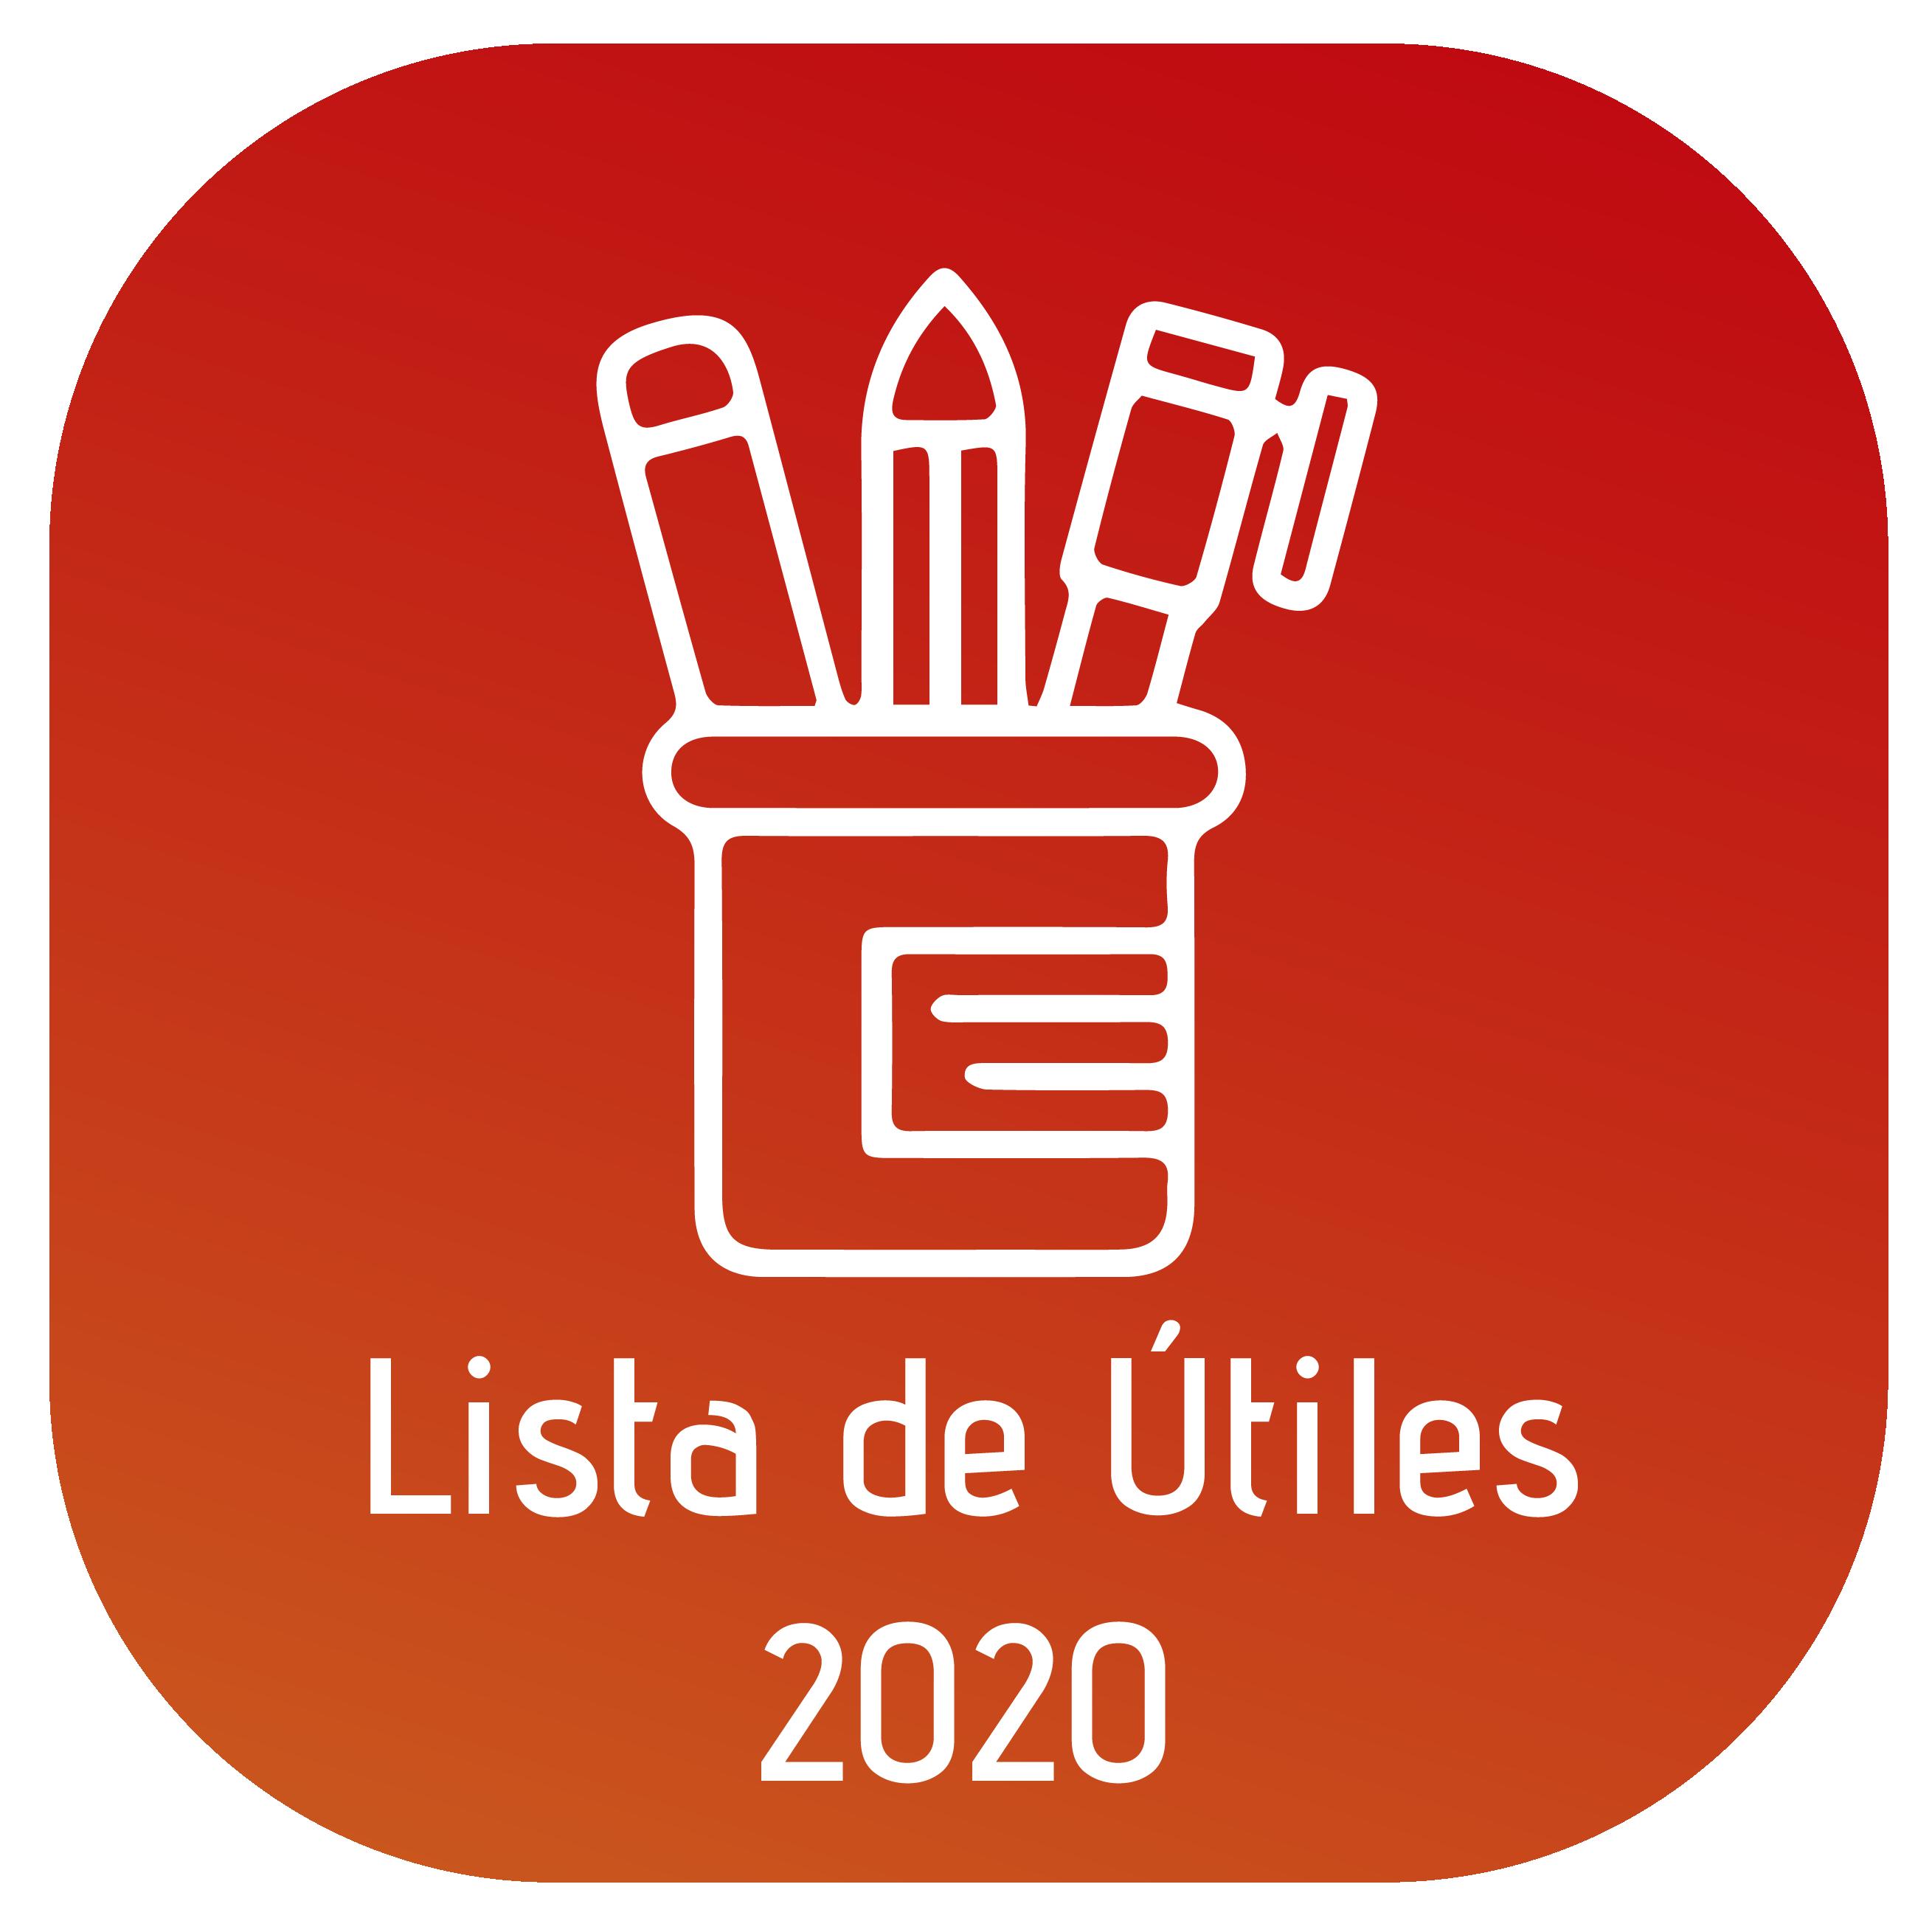 Lista de Útiles 2020